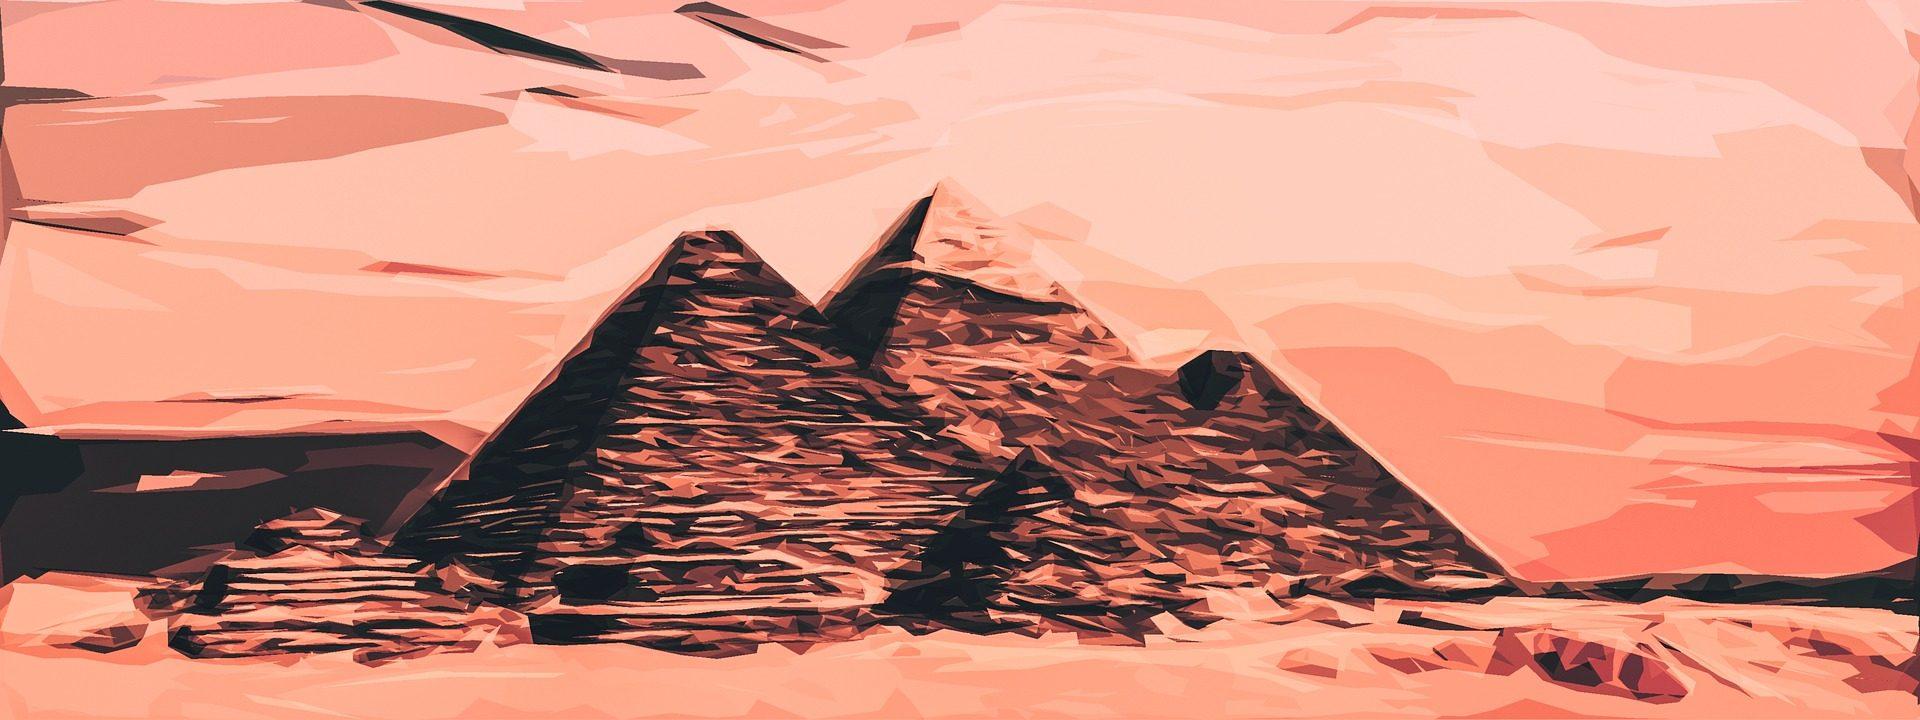 Pyramiden, Ägypten, Bild, Leinwand, Striche, Malerei - Wallpaper HD - Prof.-falken.com